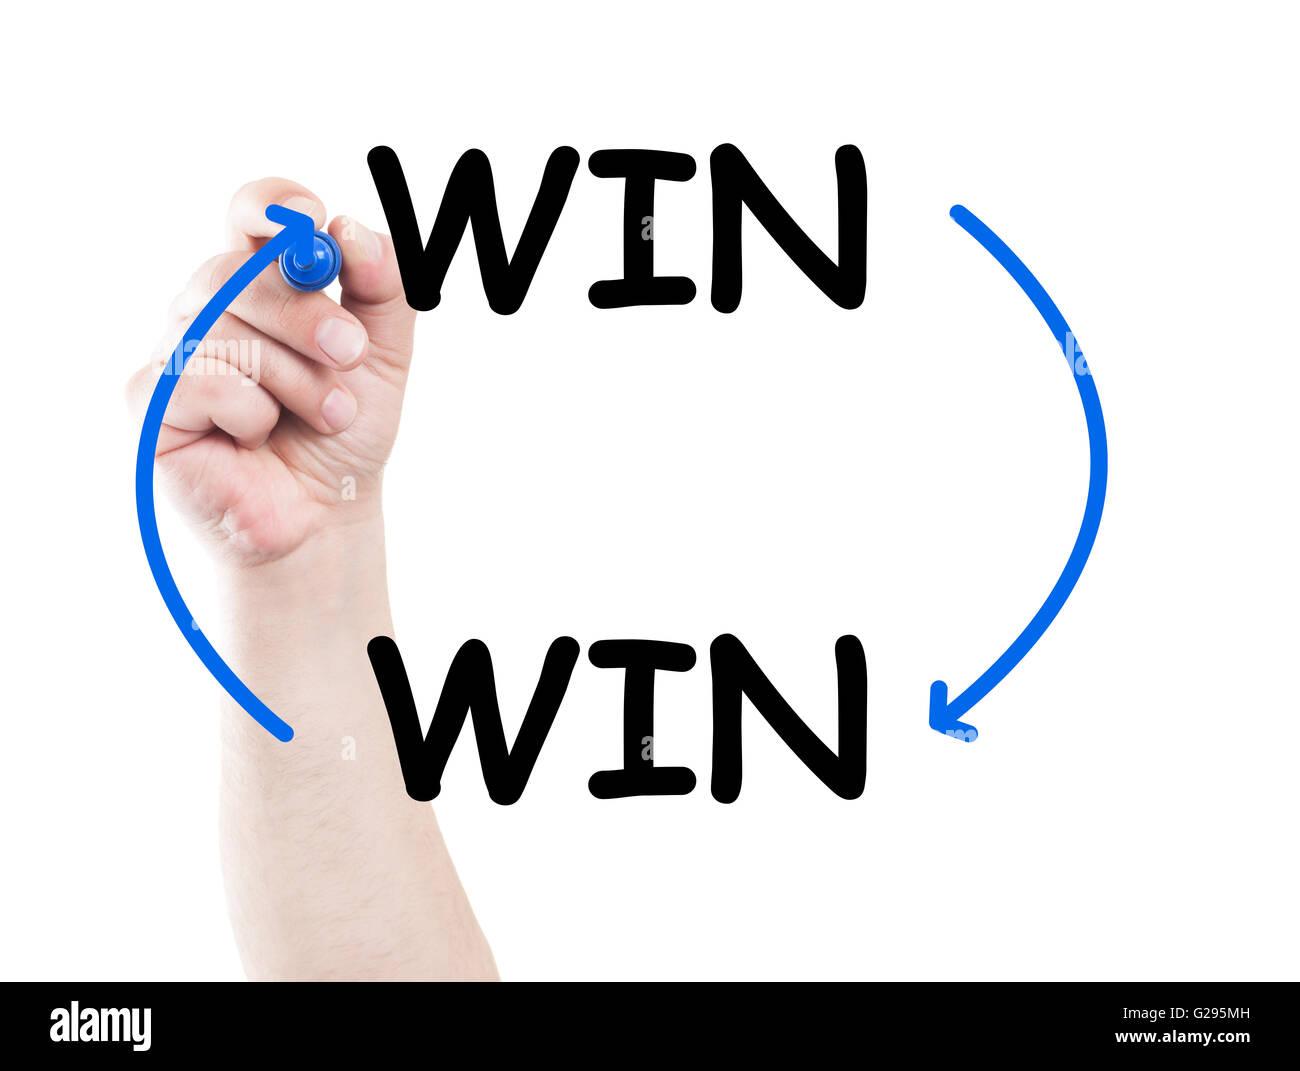 Concept de solution win win sur transparent essuyer avec une main tenant un marqueur Photo Stock